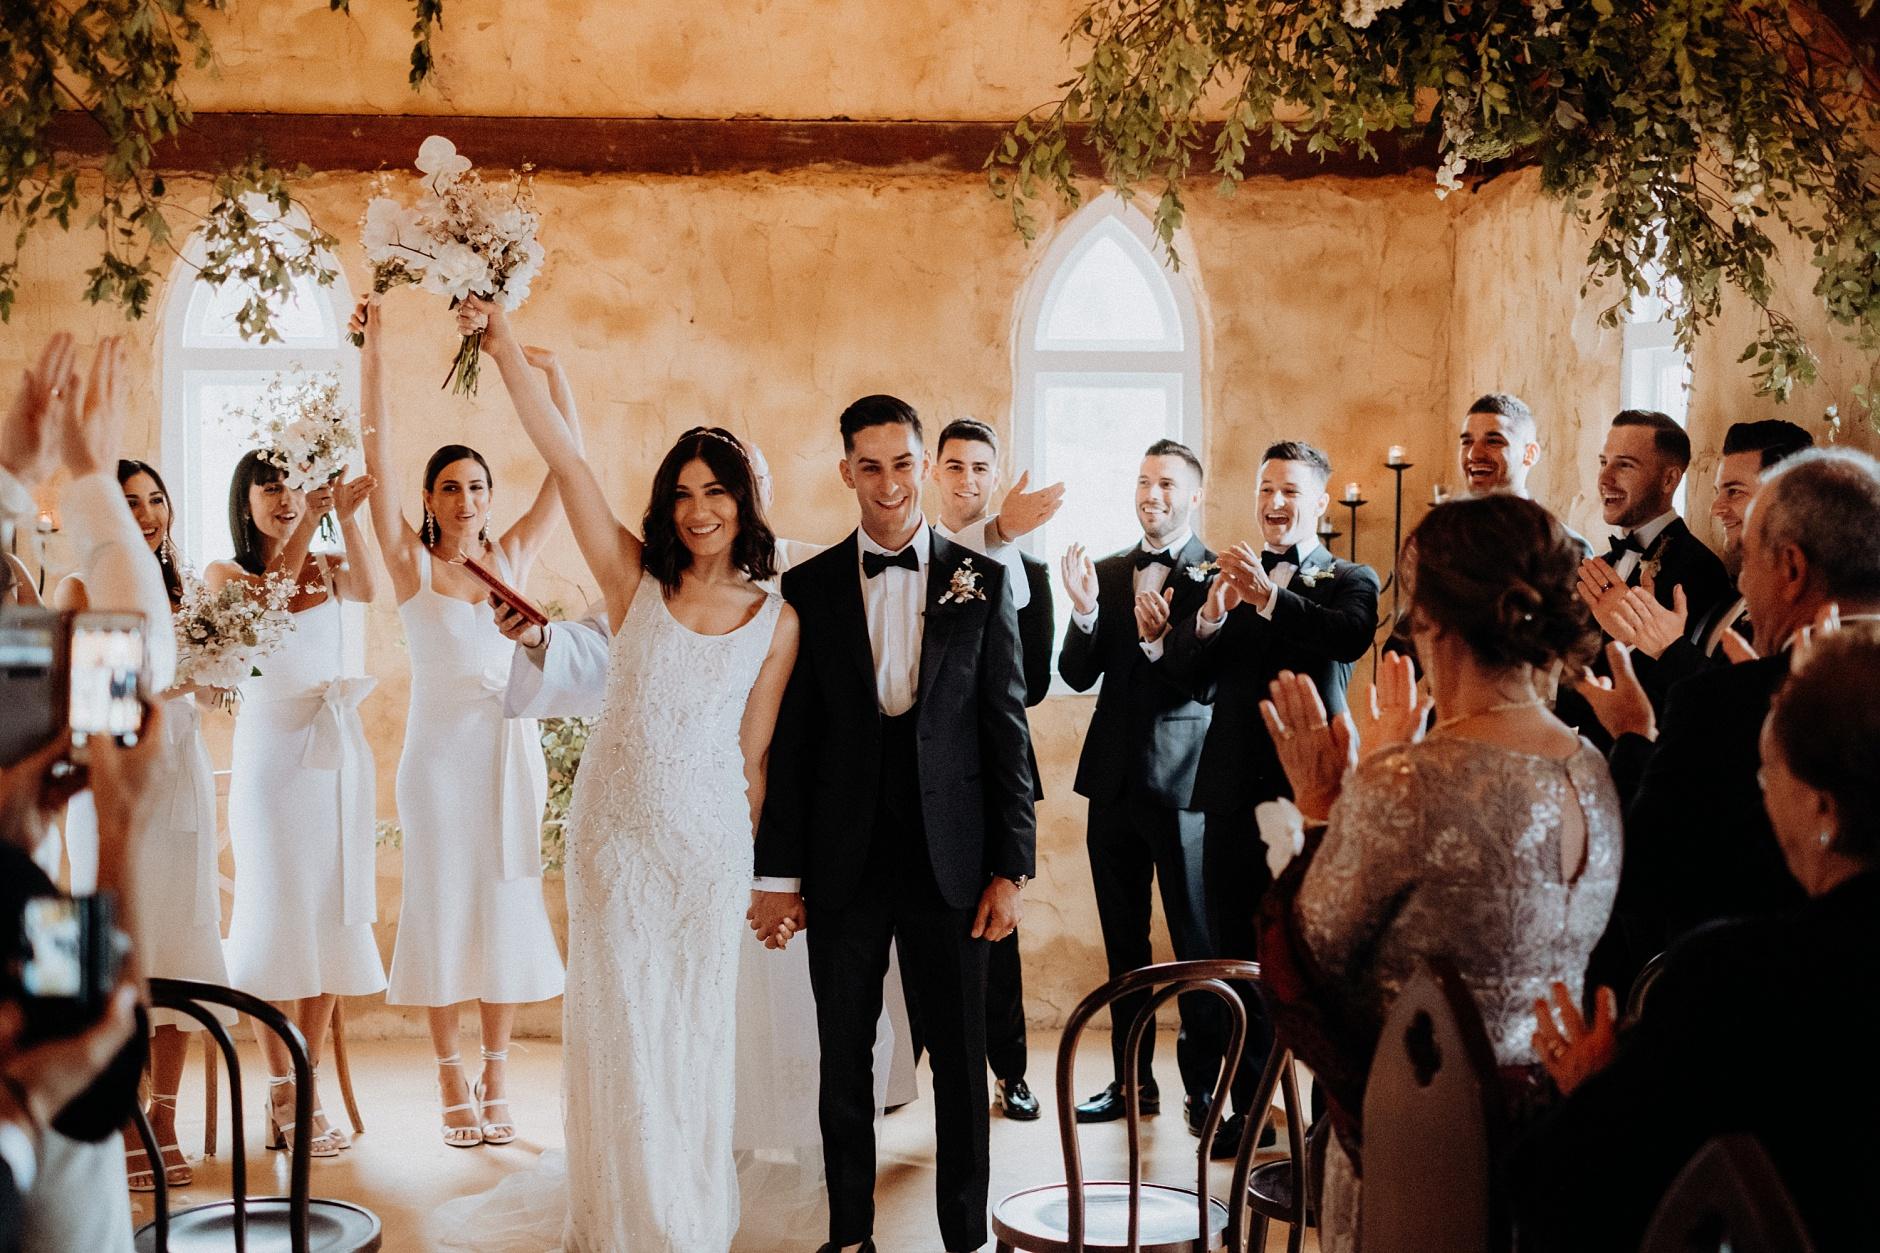 cassandra&cameron0481a_Peppers-Creek-Wedding.jpg